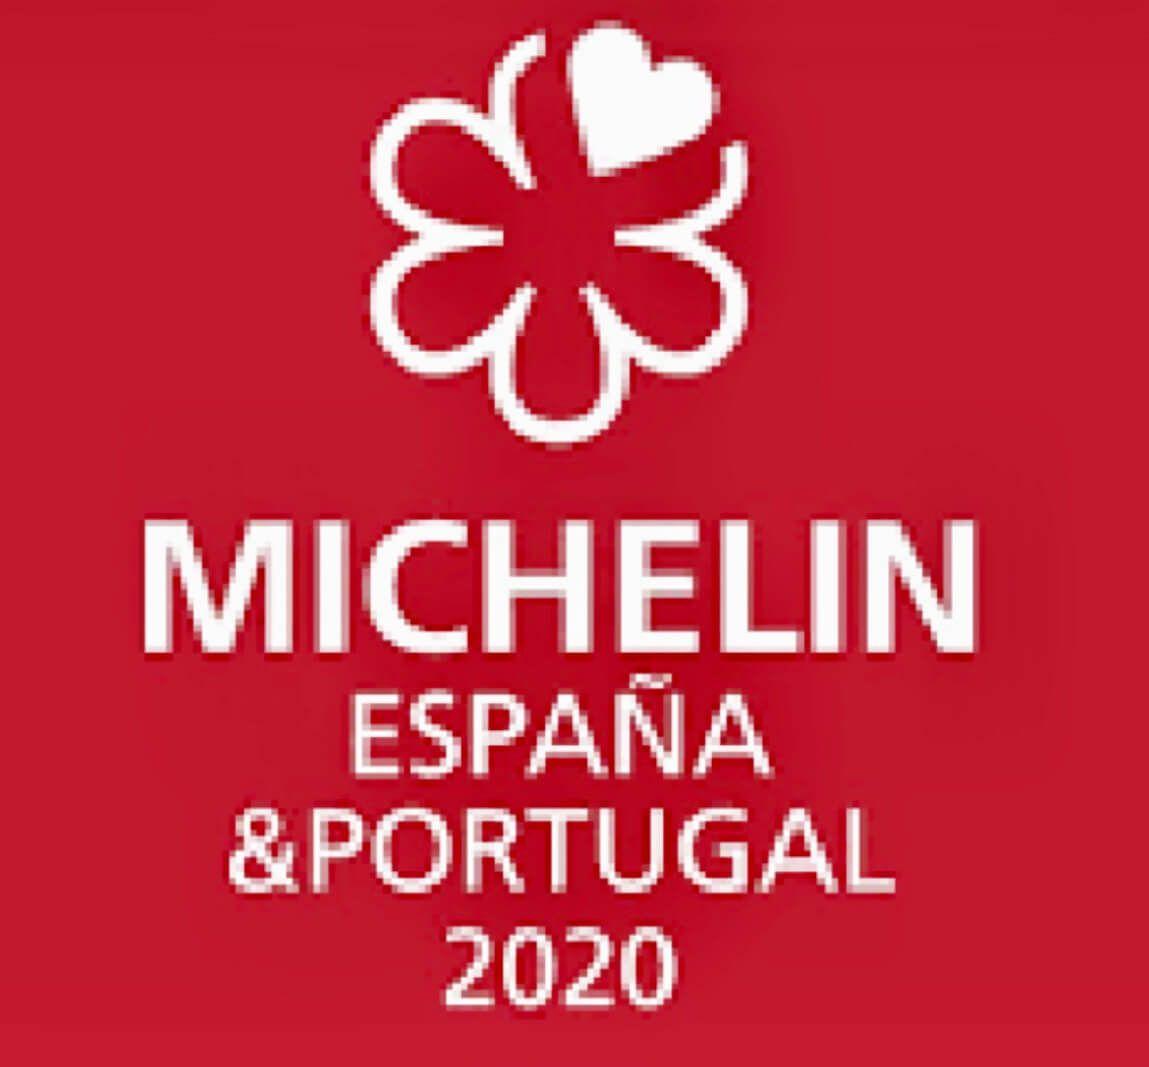 Estrellas Michelín 2020